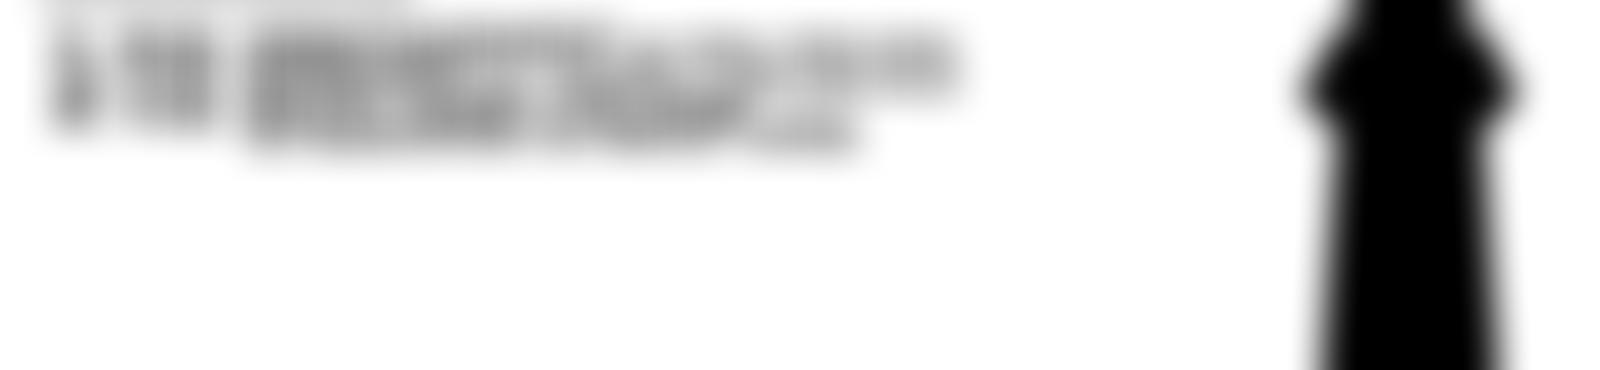 Blurred e8cb82b8 02e8 4ad9 895b 8289ef298c1f